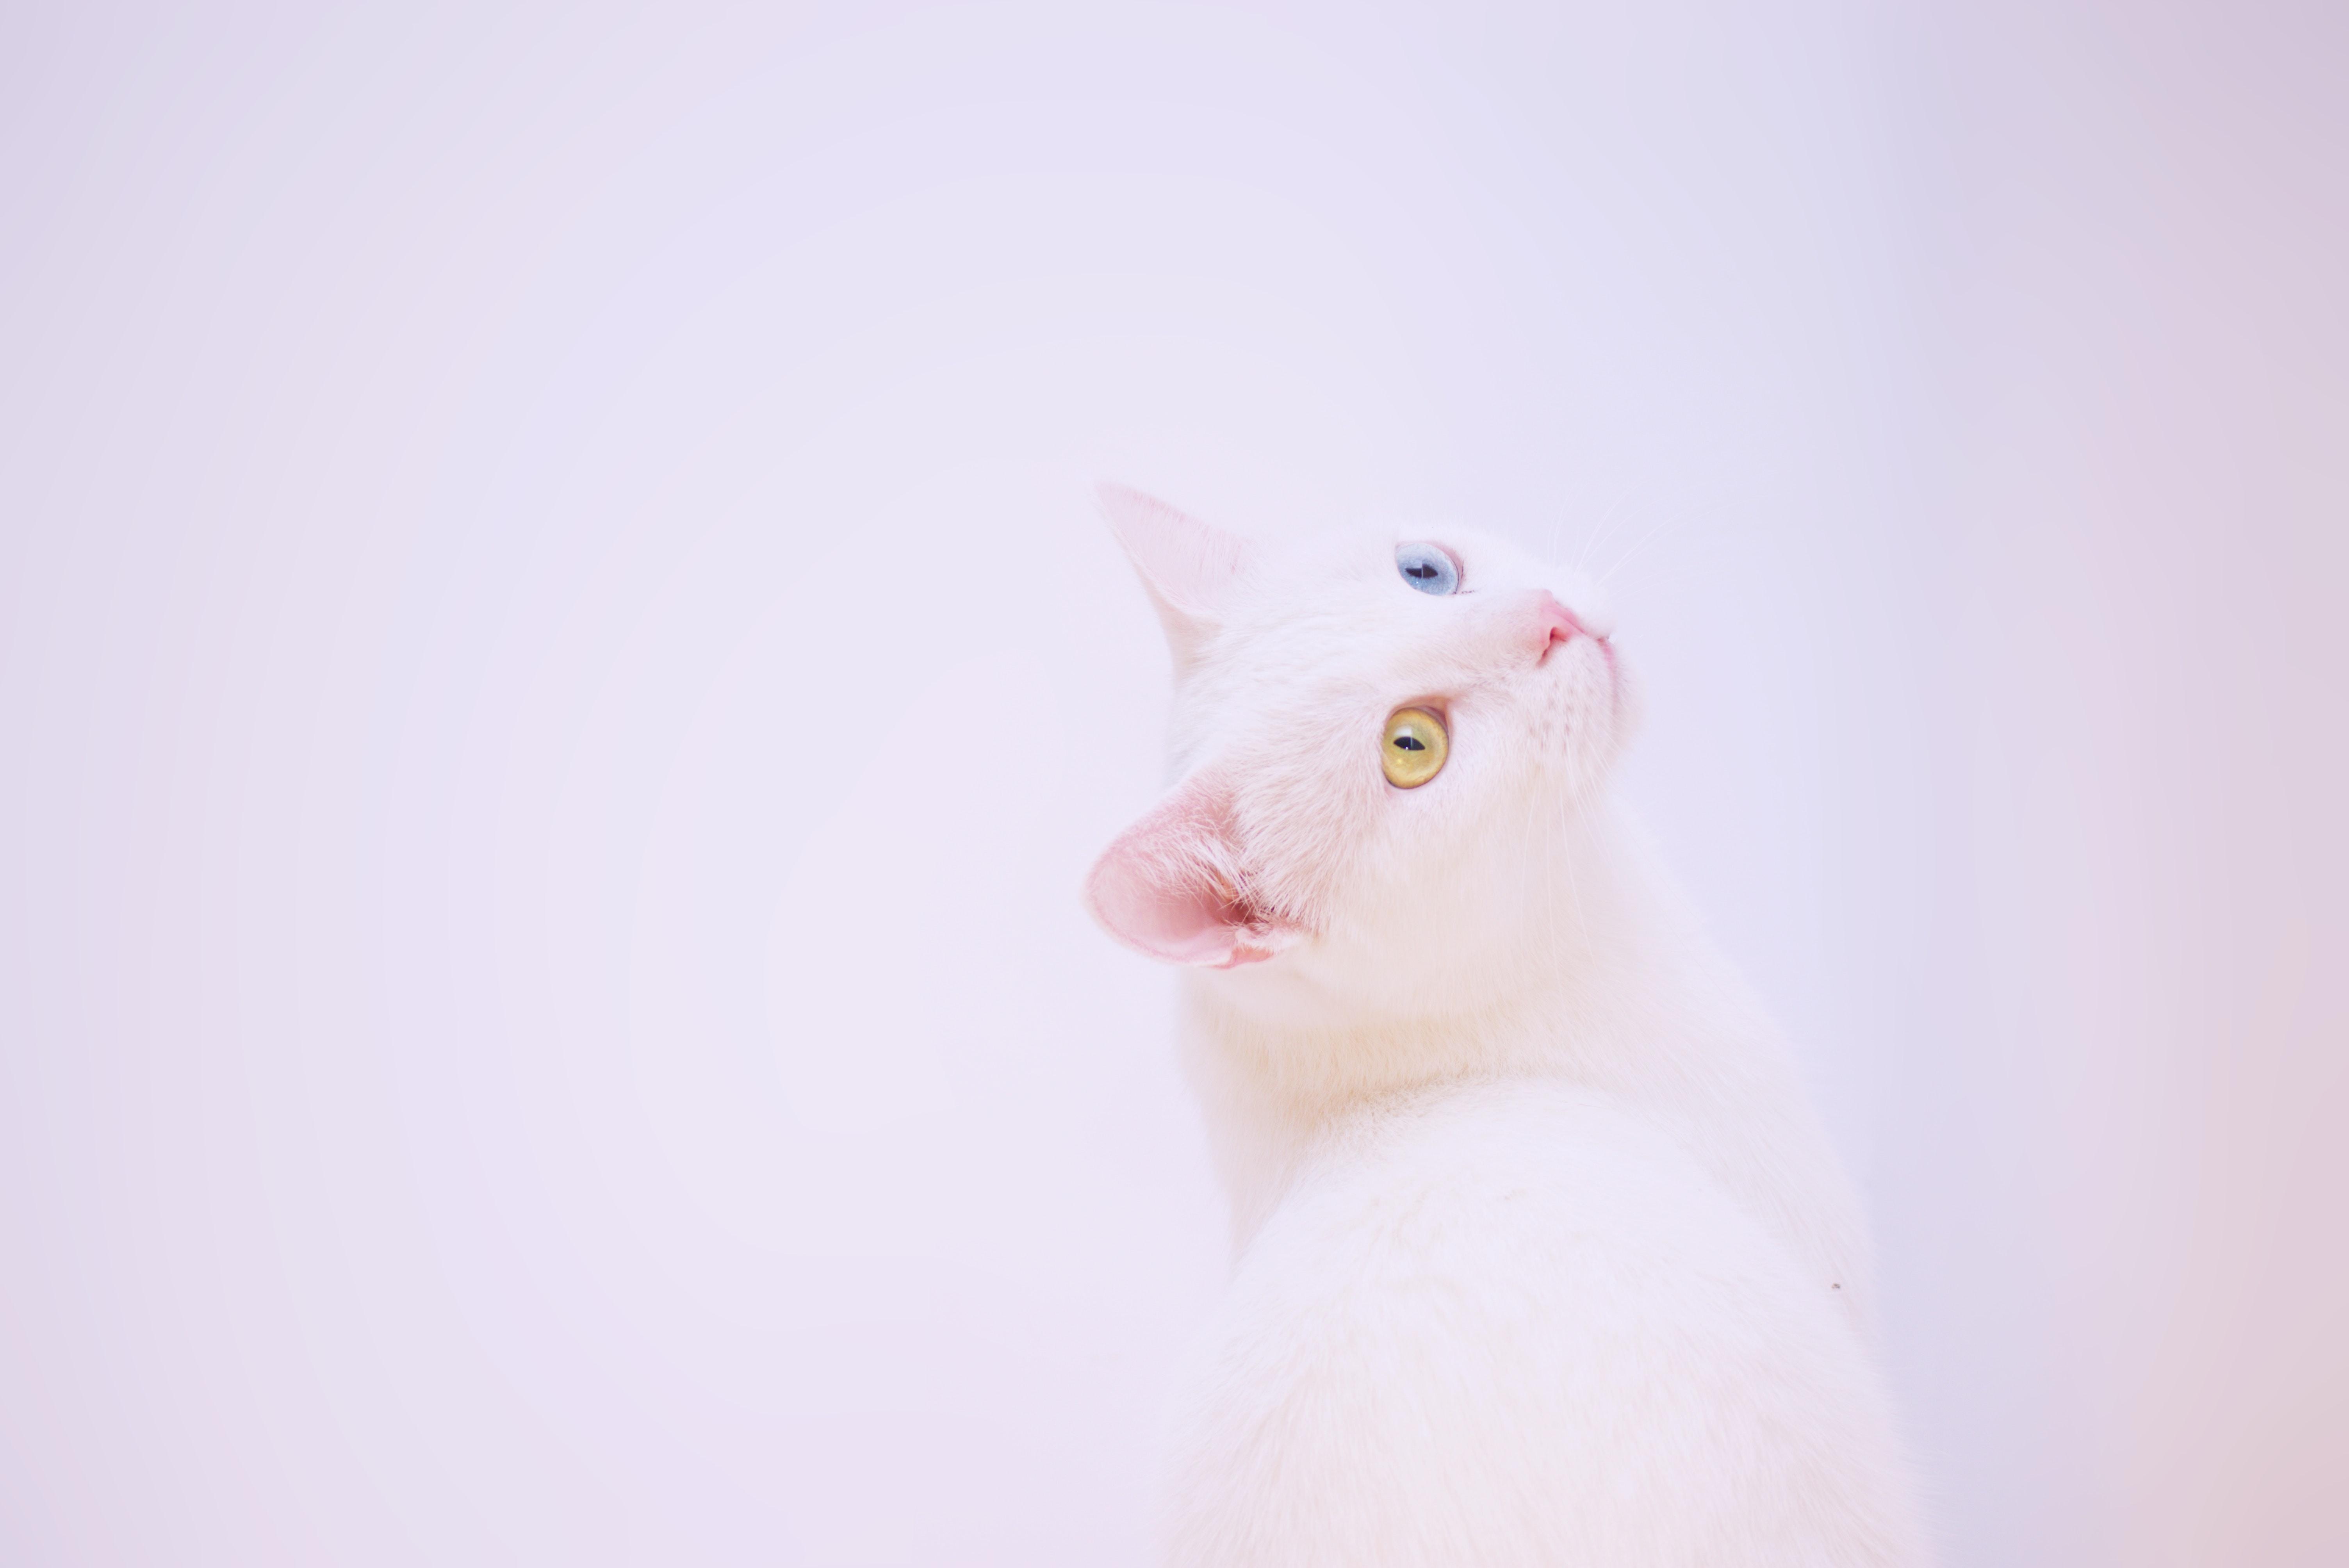 short-fur white cat beside white surface